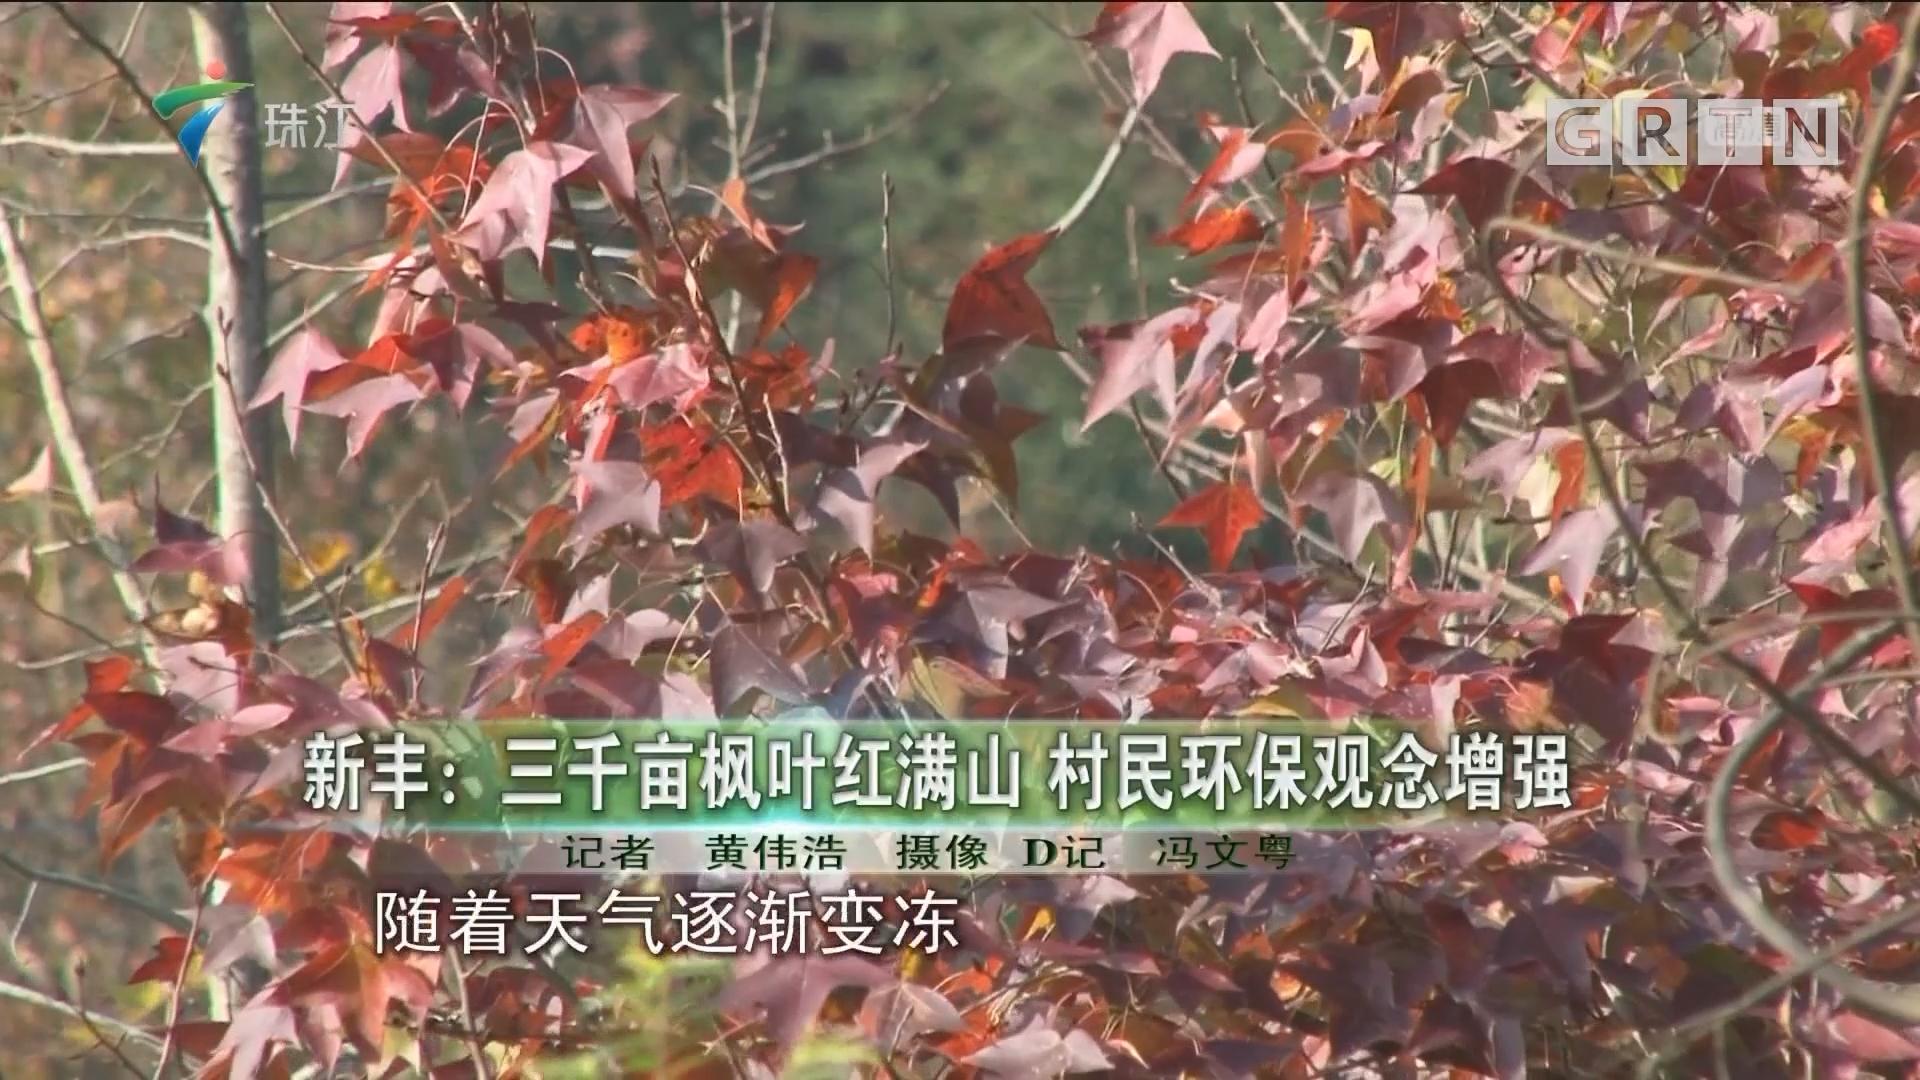 新丰:三千亩枫叶红满山 村民环保观念增强